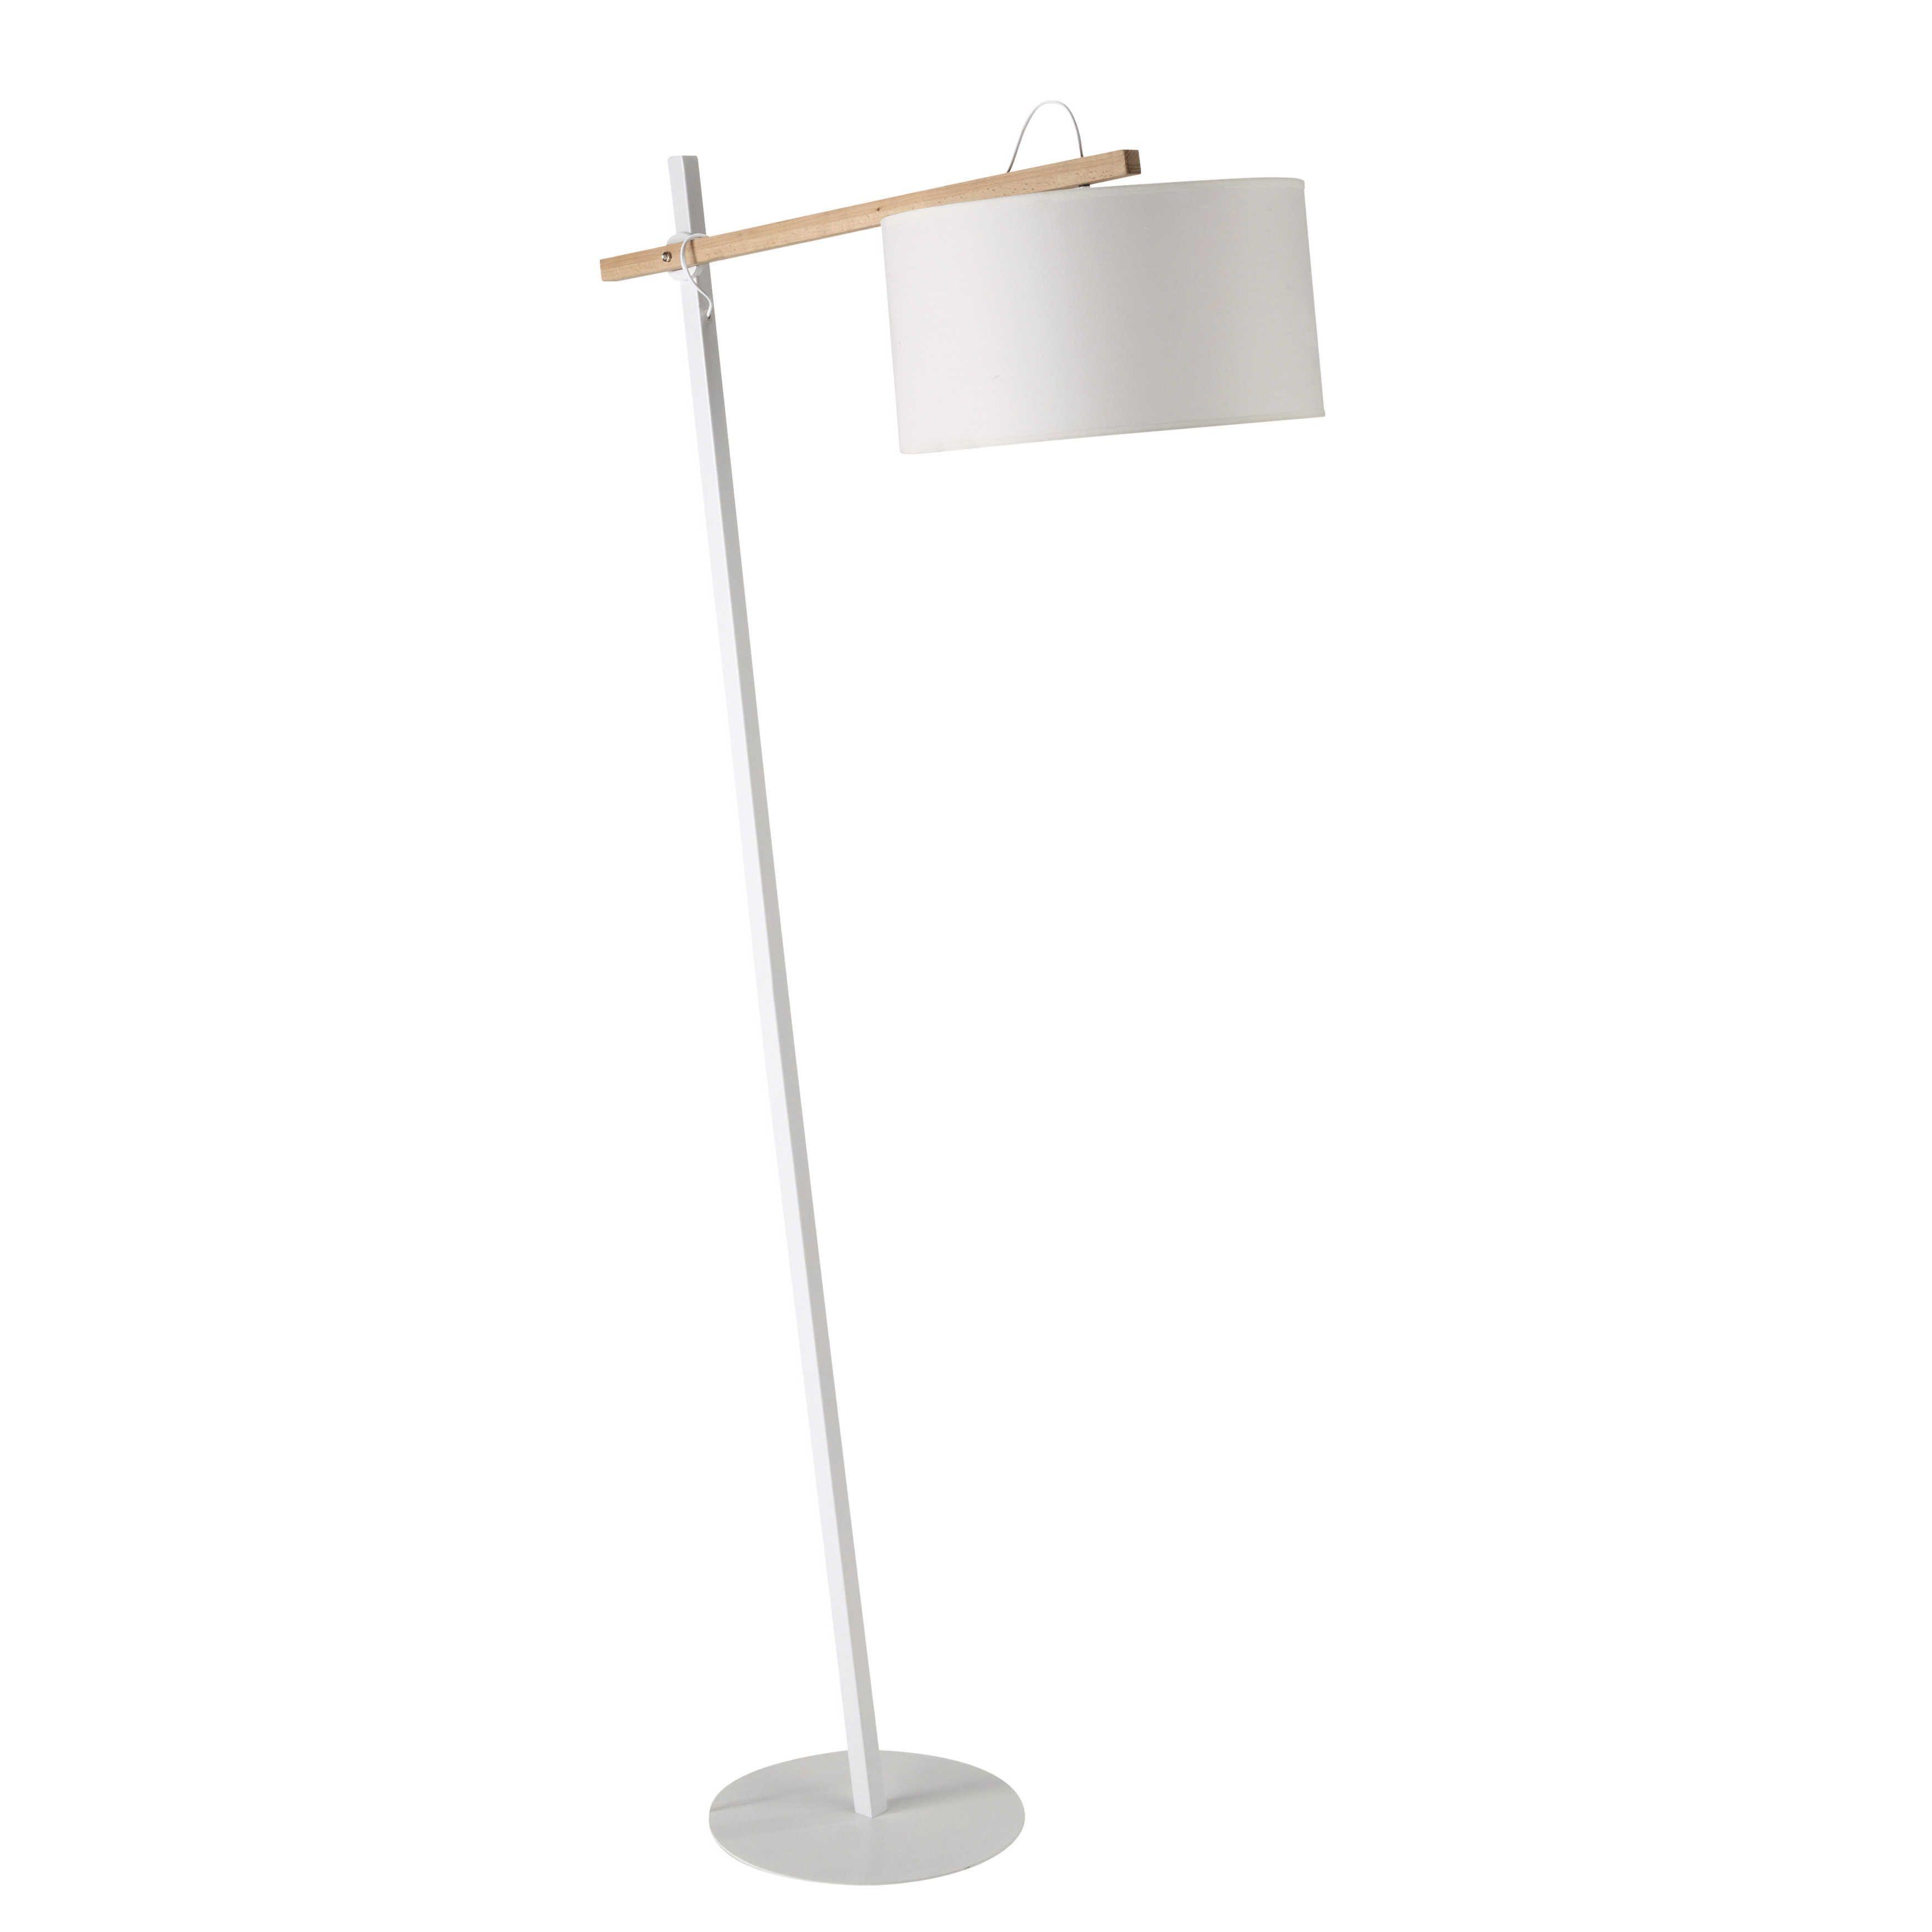 Tripodes Y Lamparas De Pie Mit Bildern Stehlampe Stehlampe